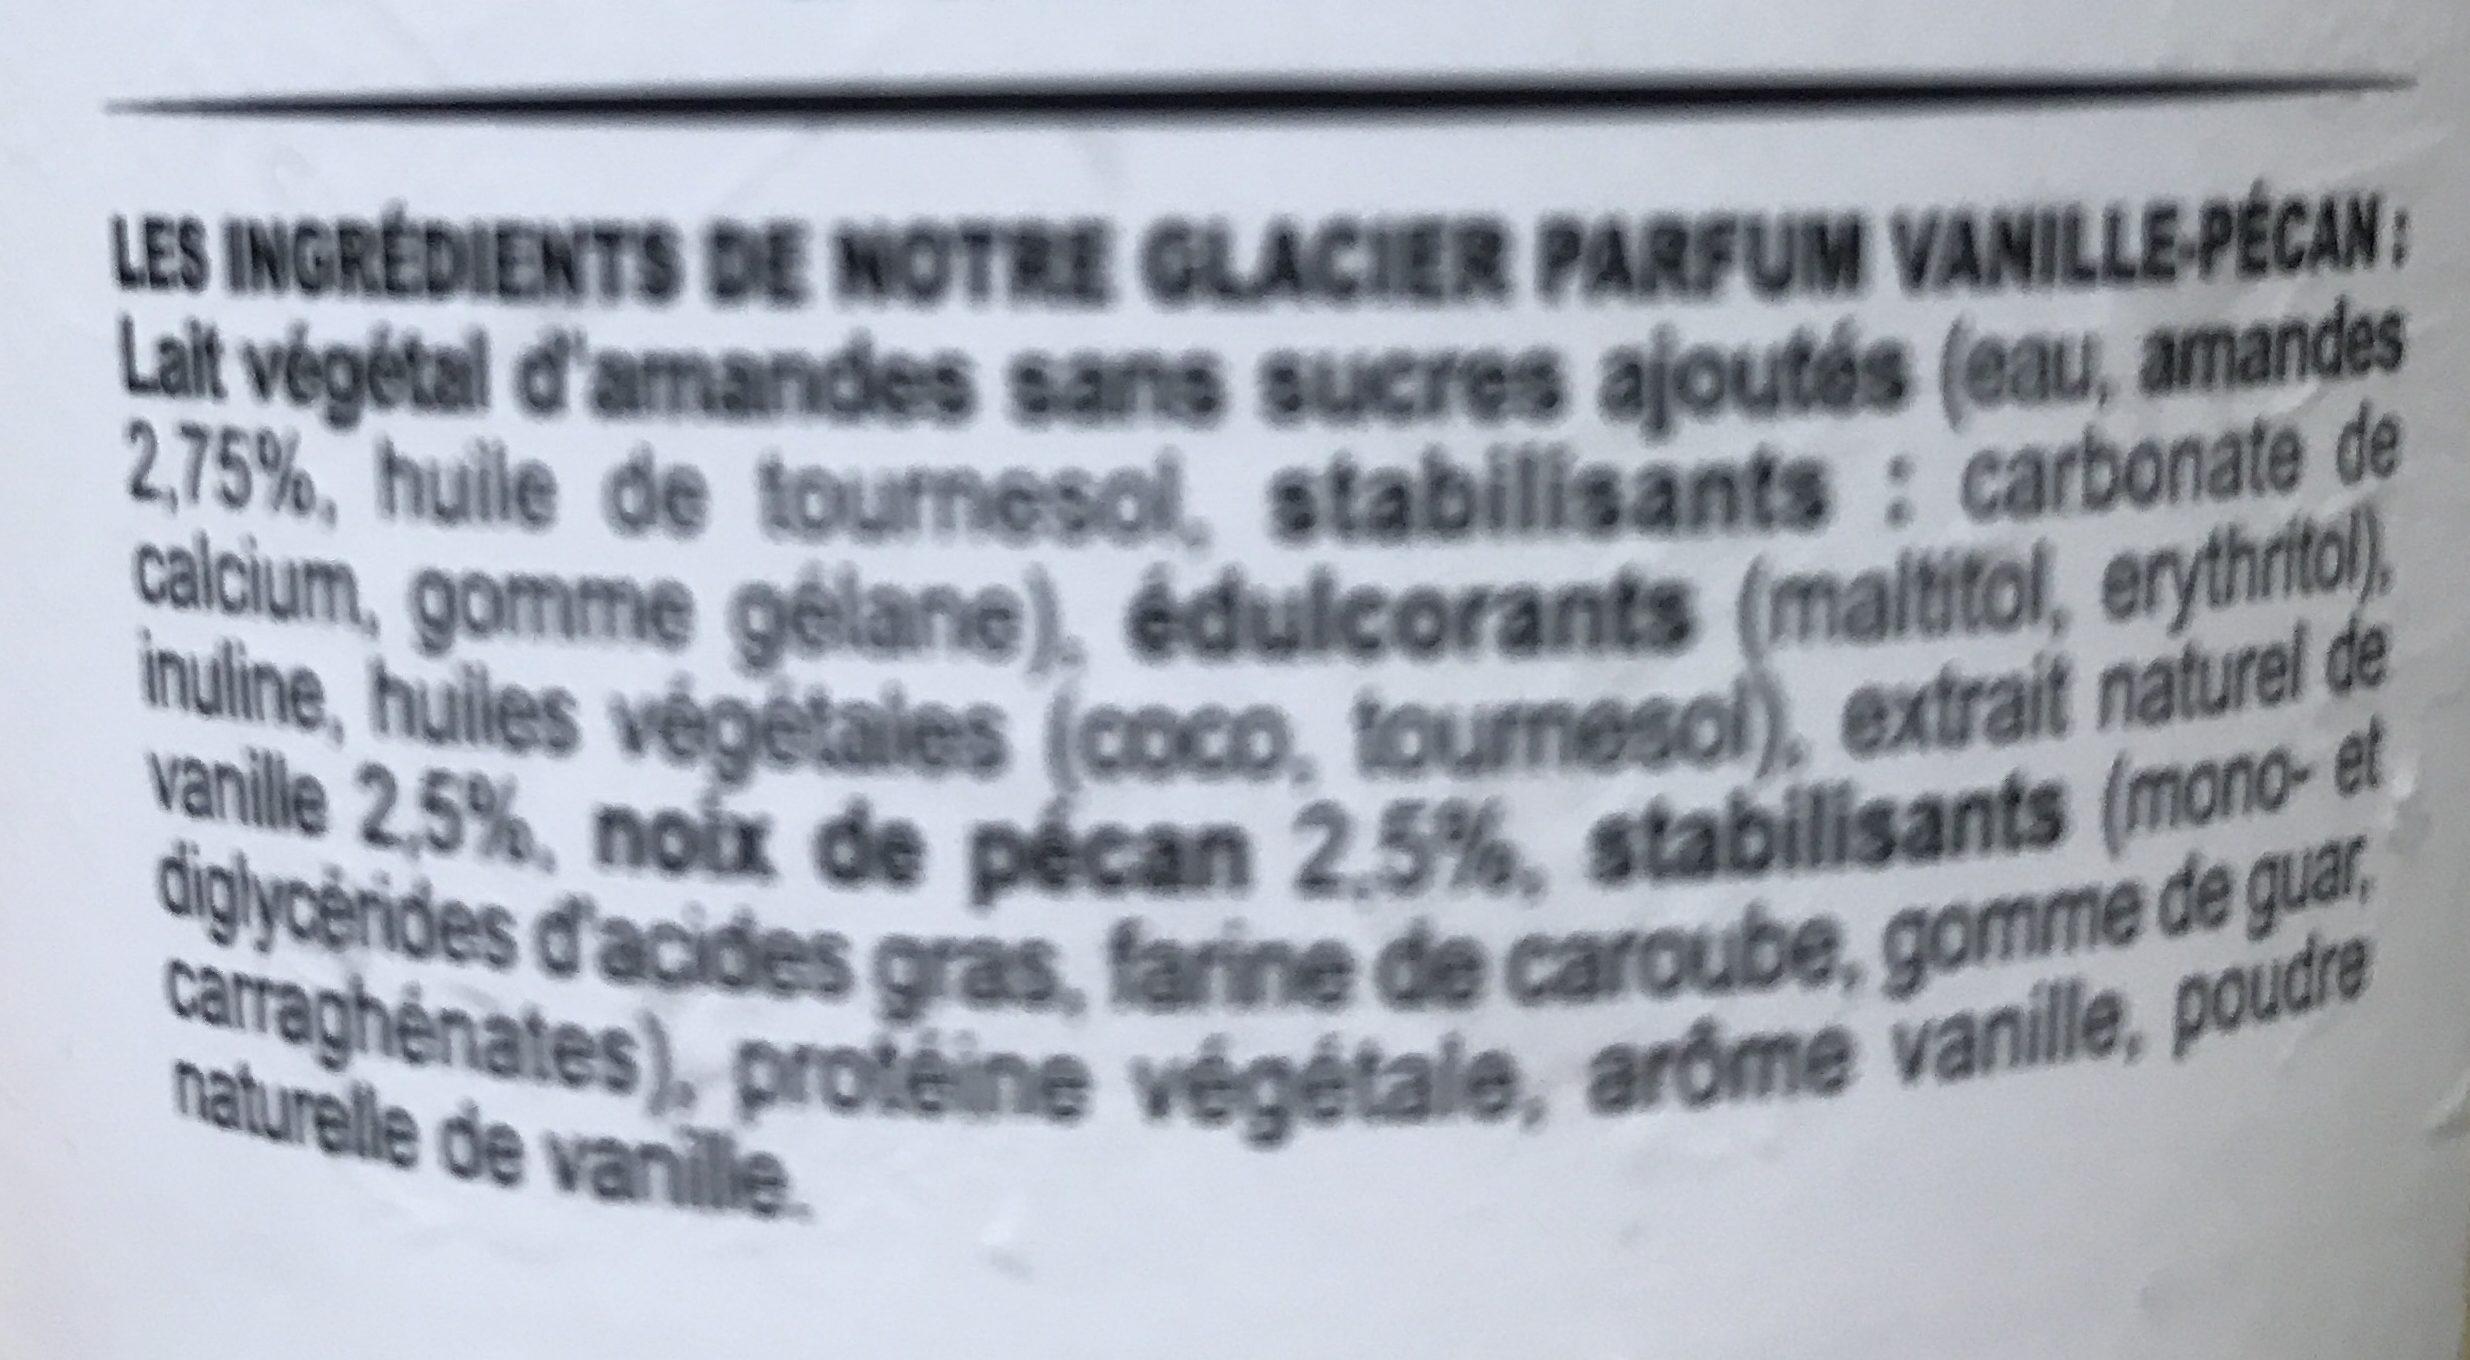 Glace vanille noix de pécan - Ingrédients - fr